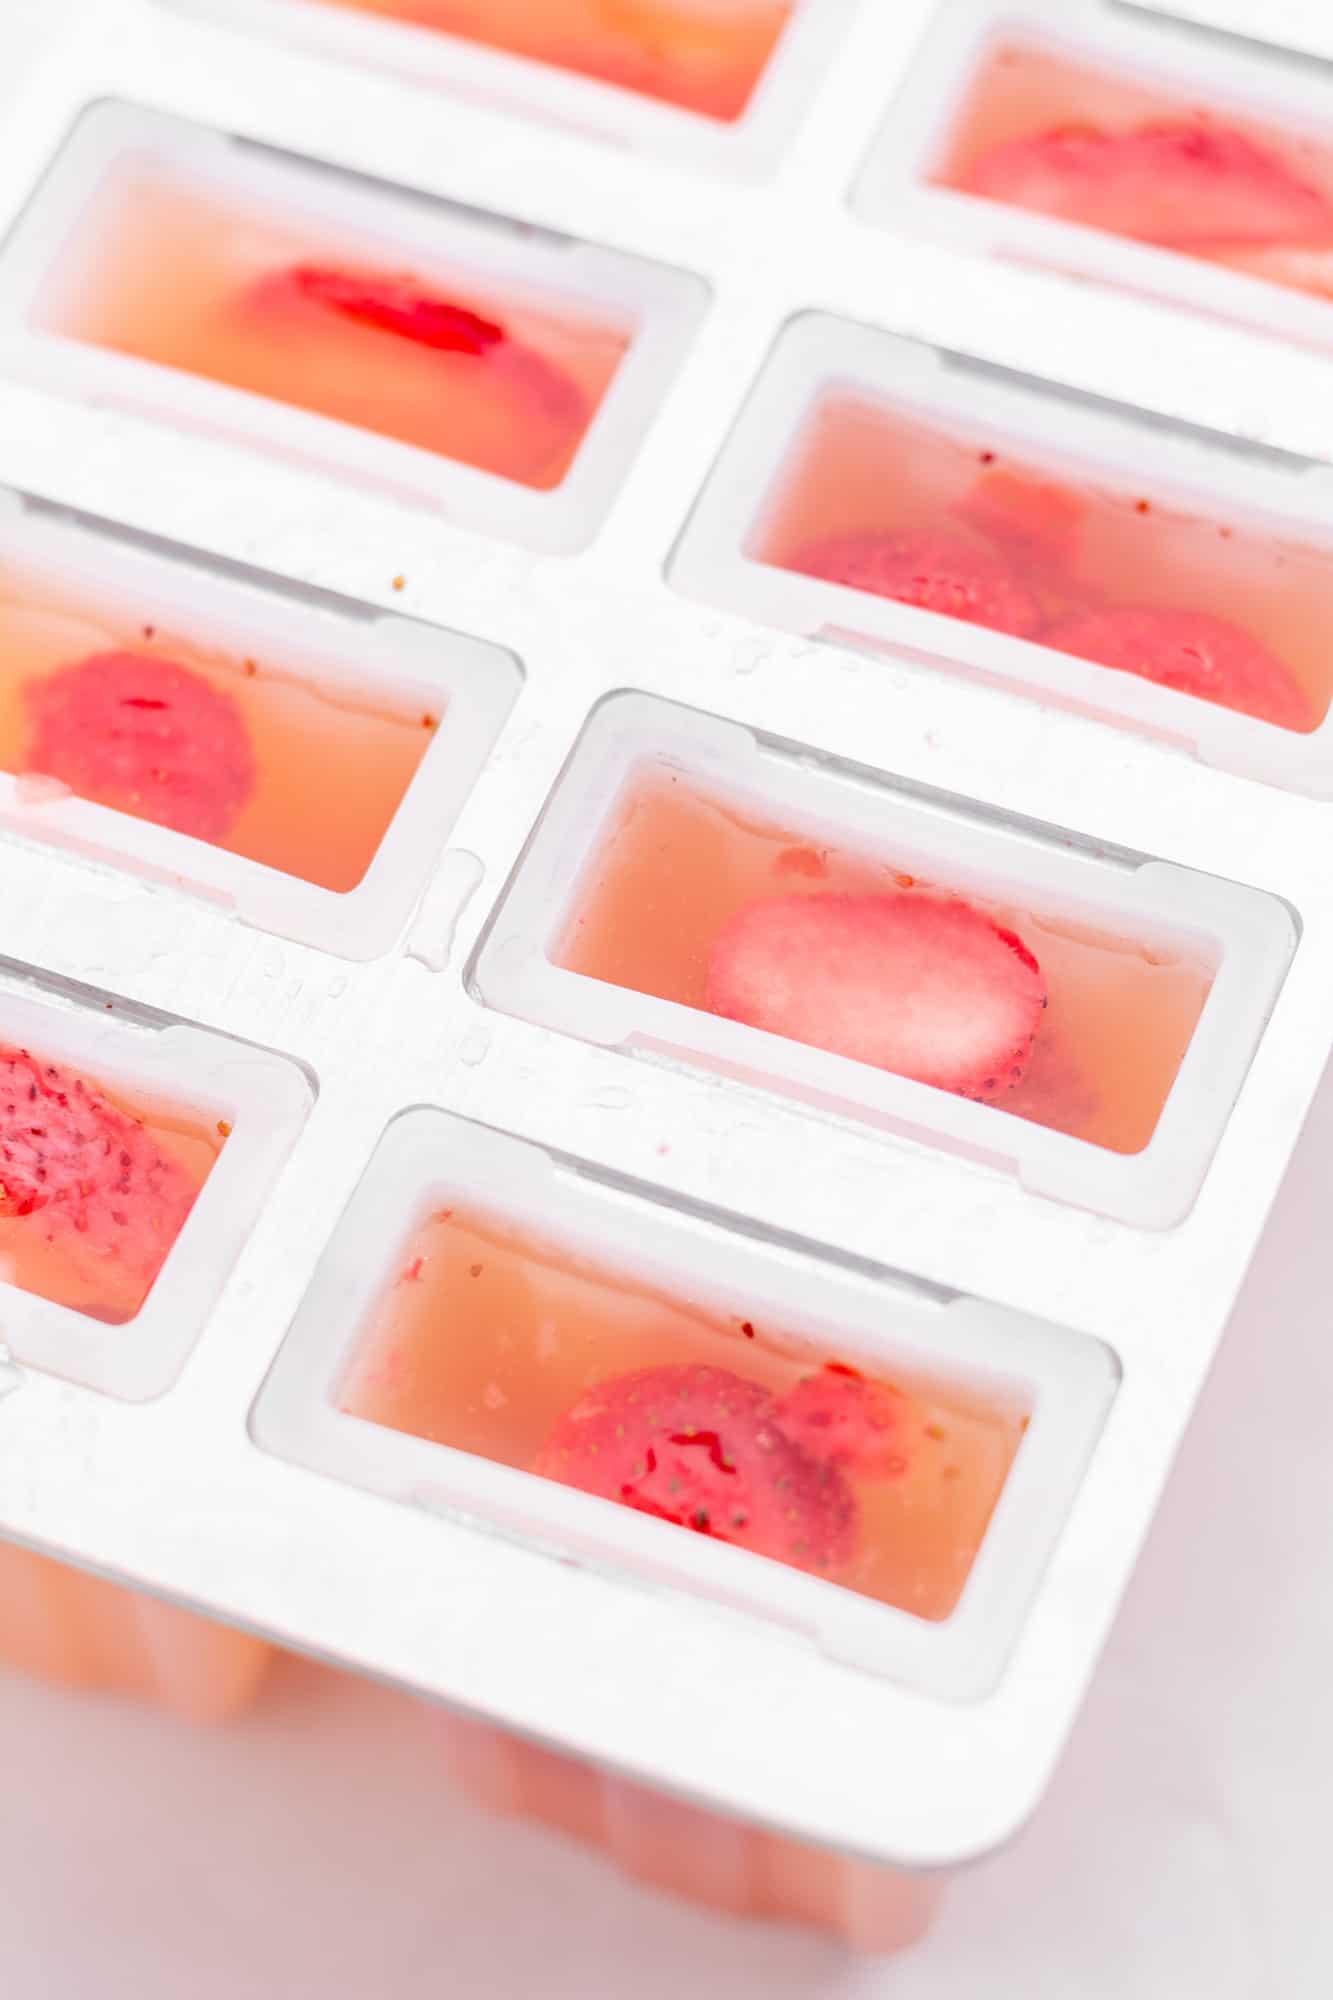 unfrozen popsicles in a mold